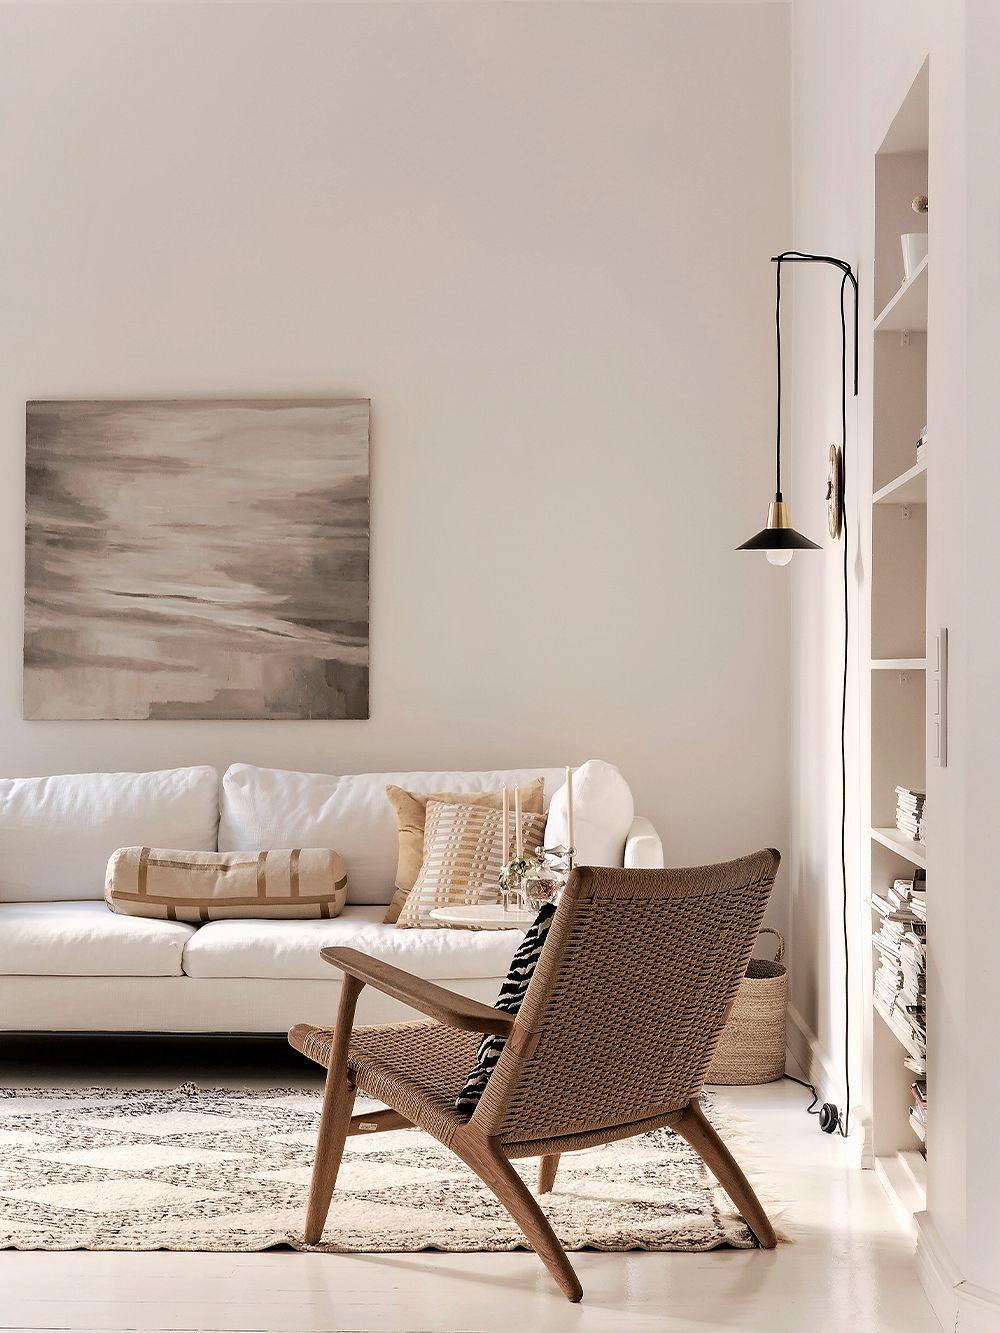 Studio Joanna Laajisto Edit wall lamp